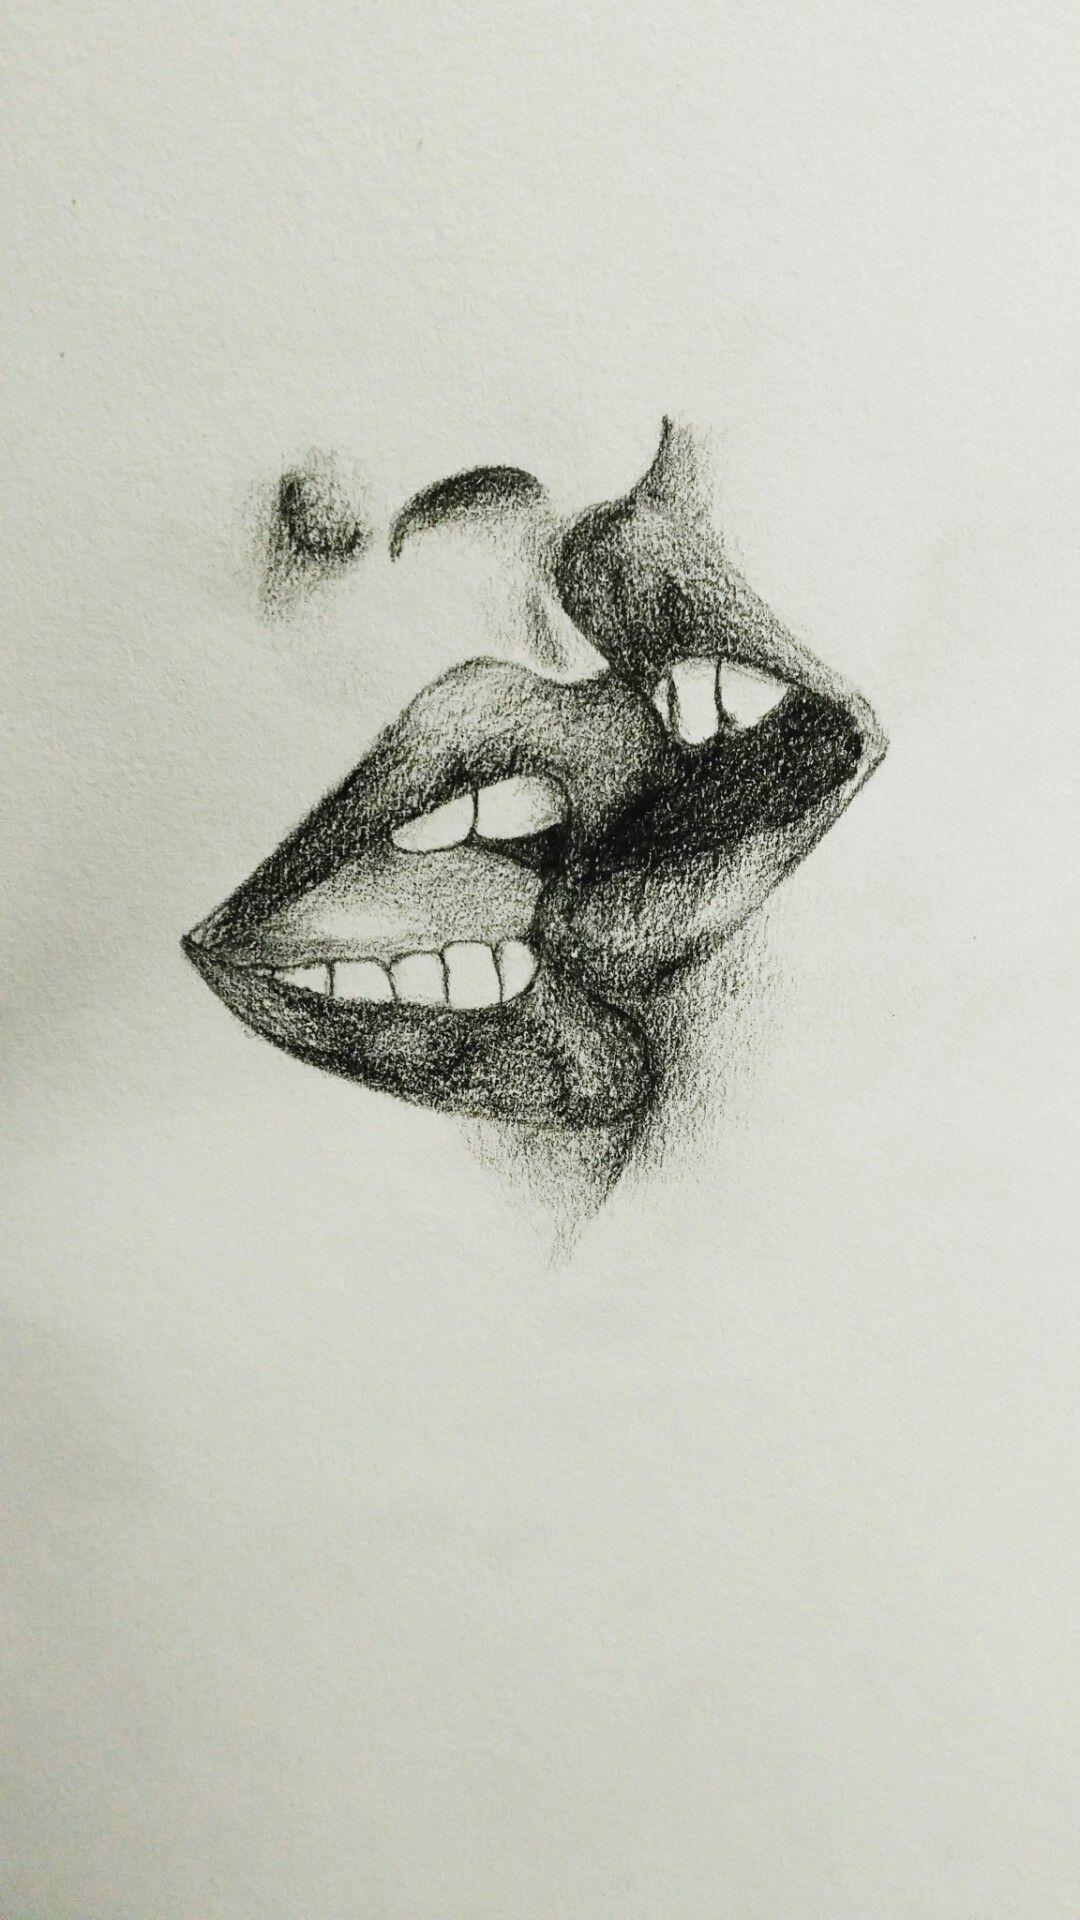 Dibujo Sencillo Facil De Dos Labios Dandose Un Beso A Lapiz Y